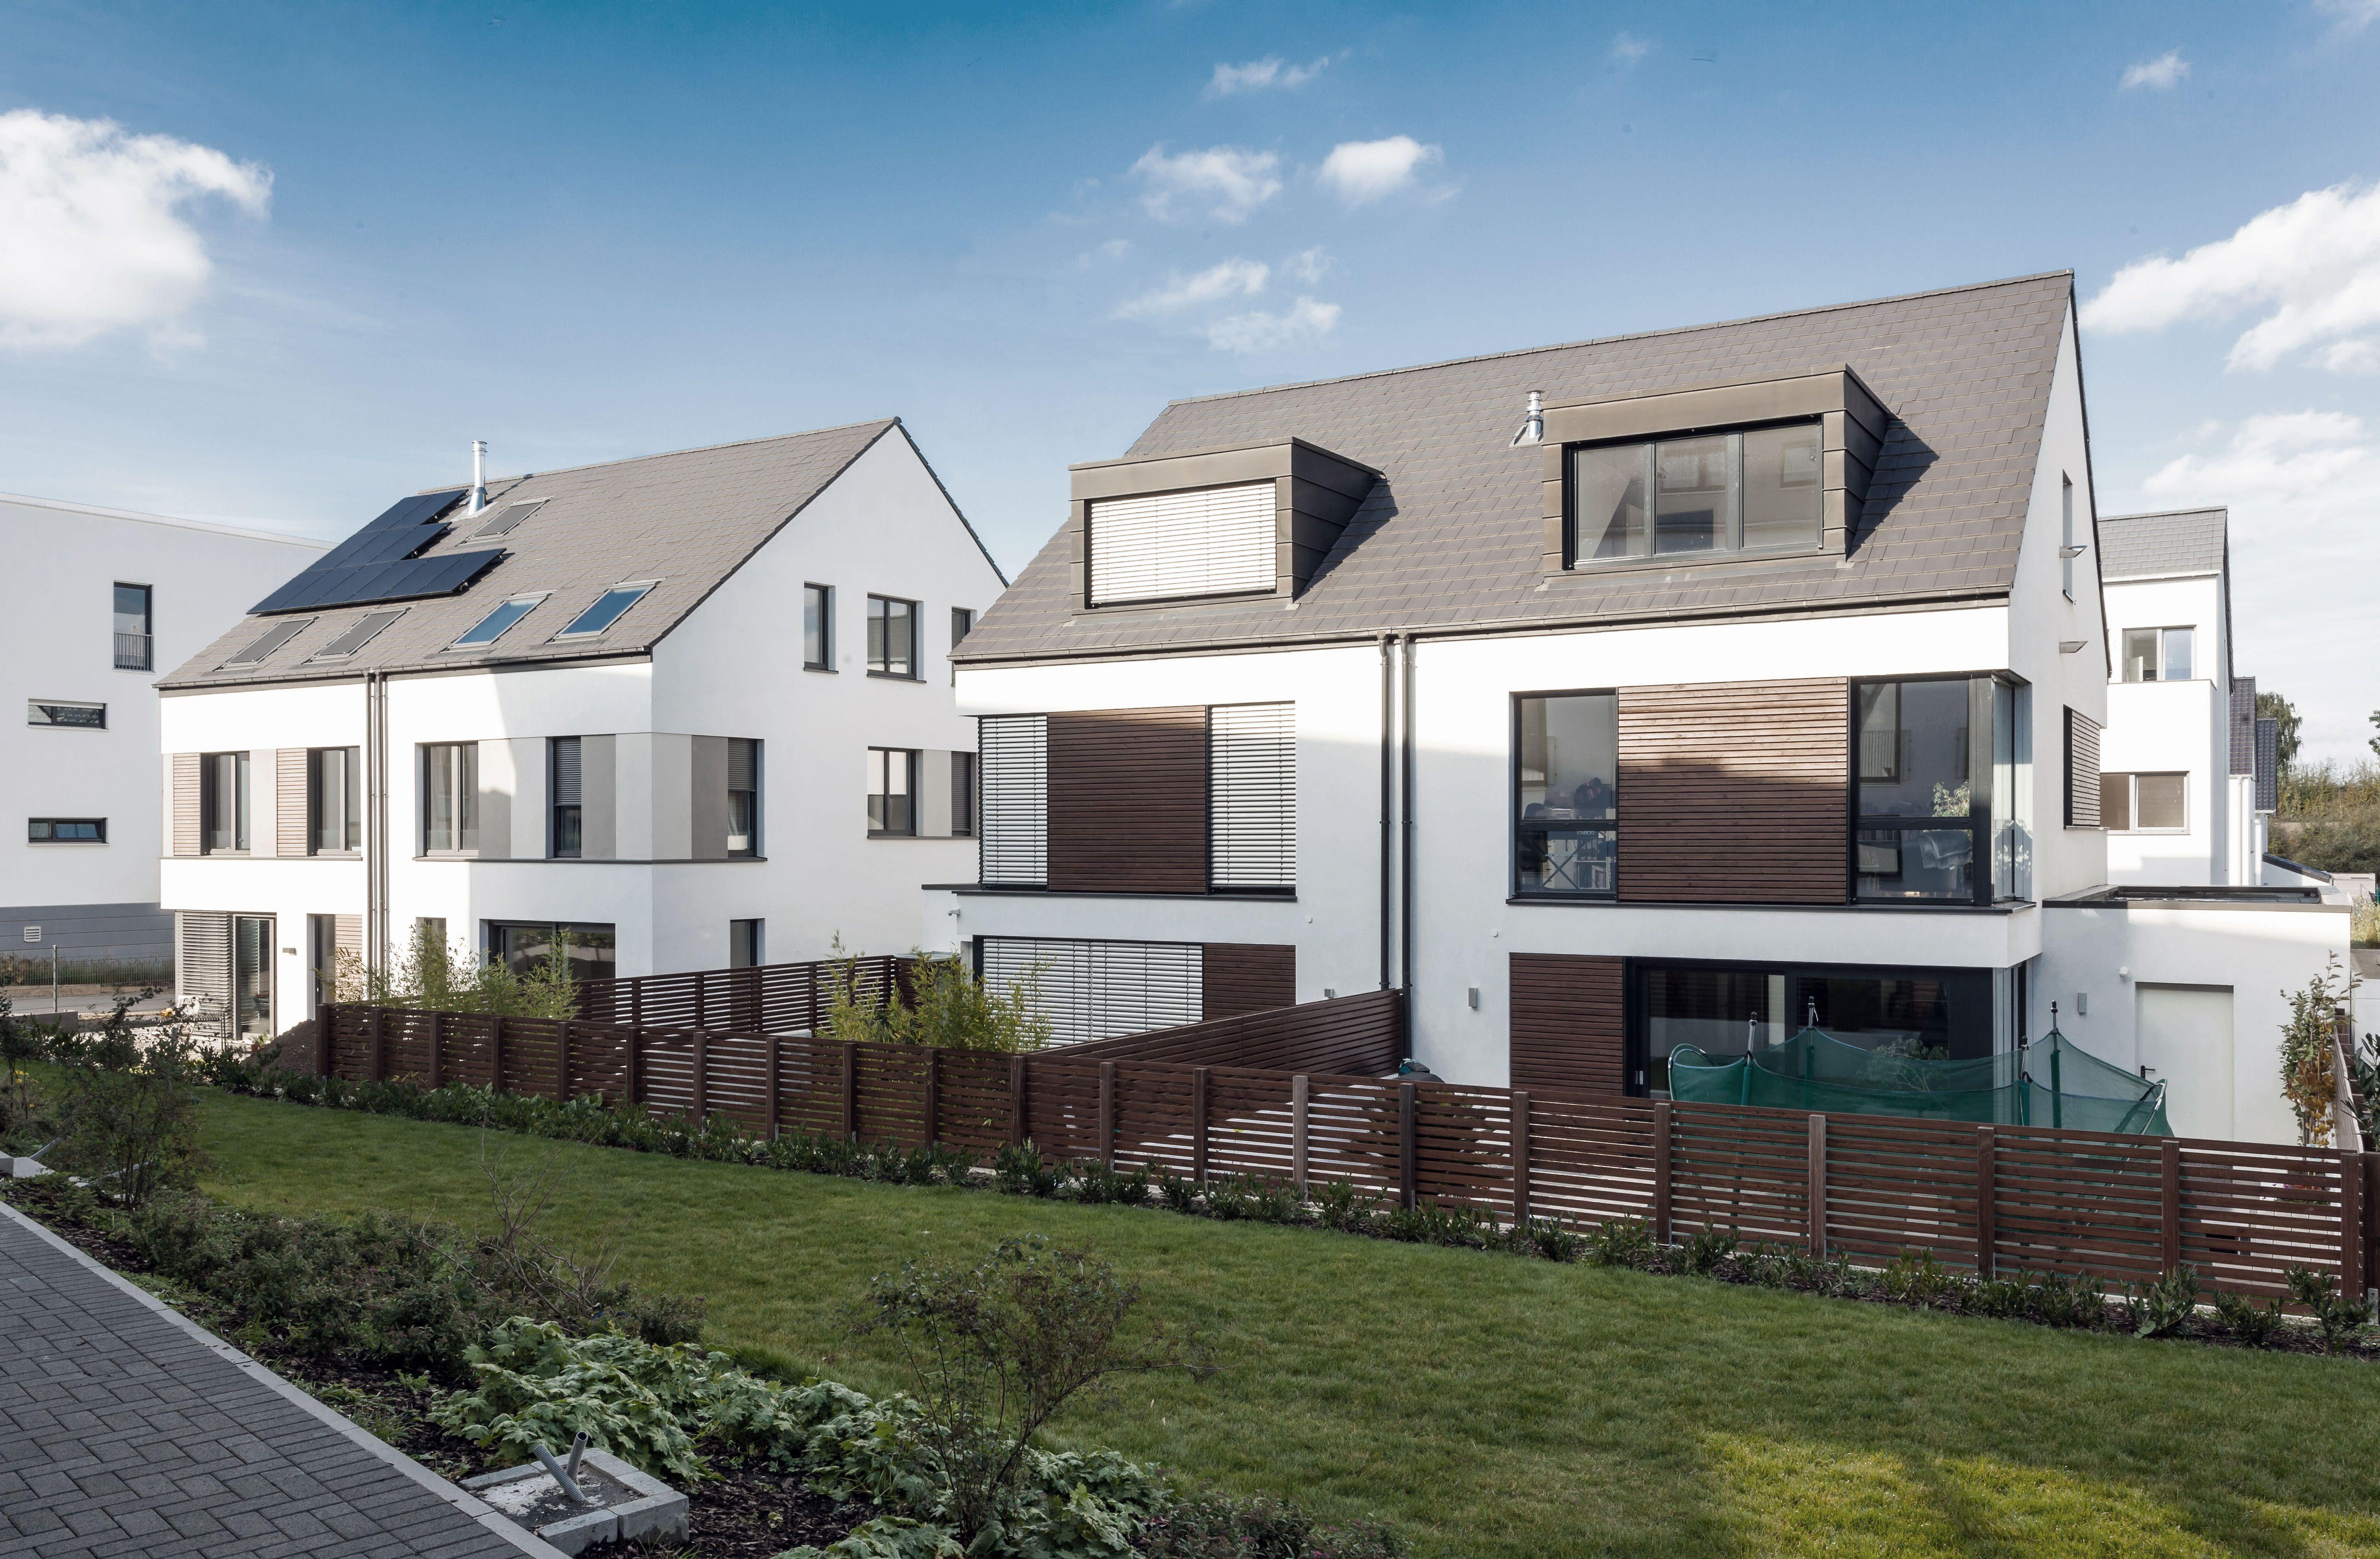 Gewaltig Moderne Einfamilienhäuser Ideen Von Einfamilienhäuser Aachen: Ensemble Aus Zwei Doppelhäusern Mit